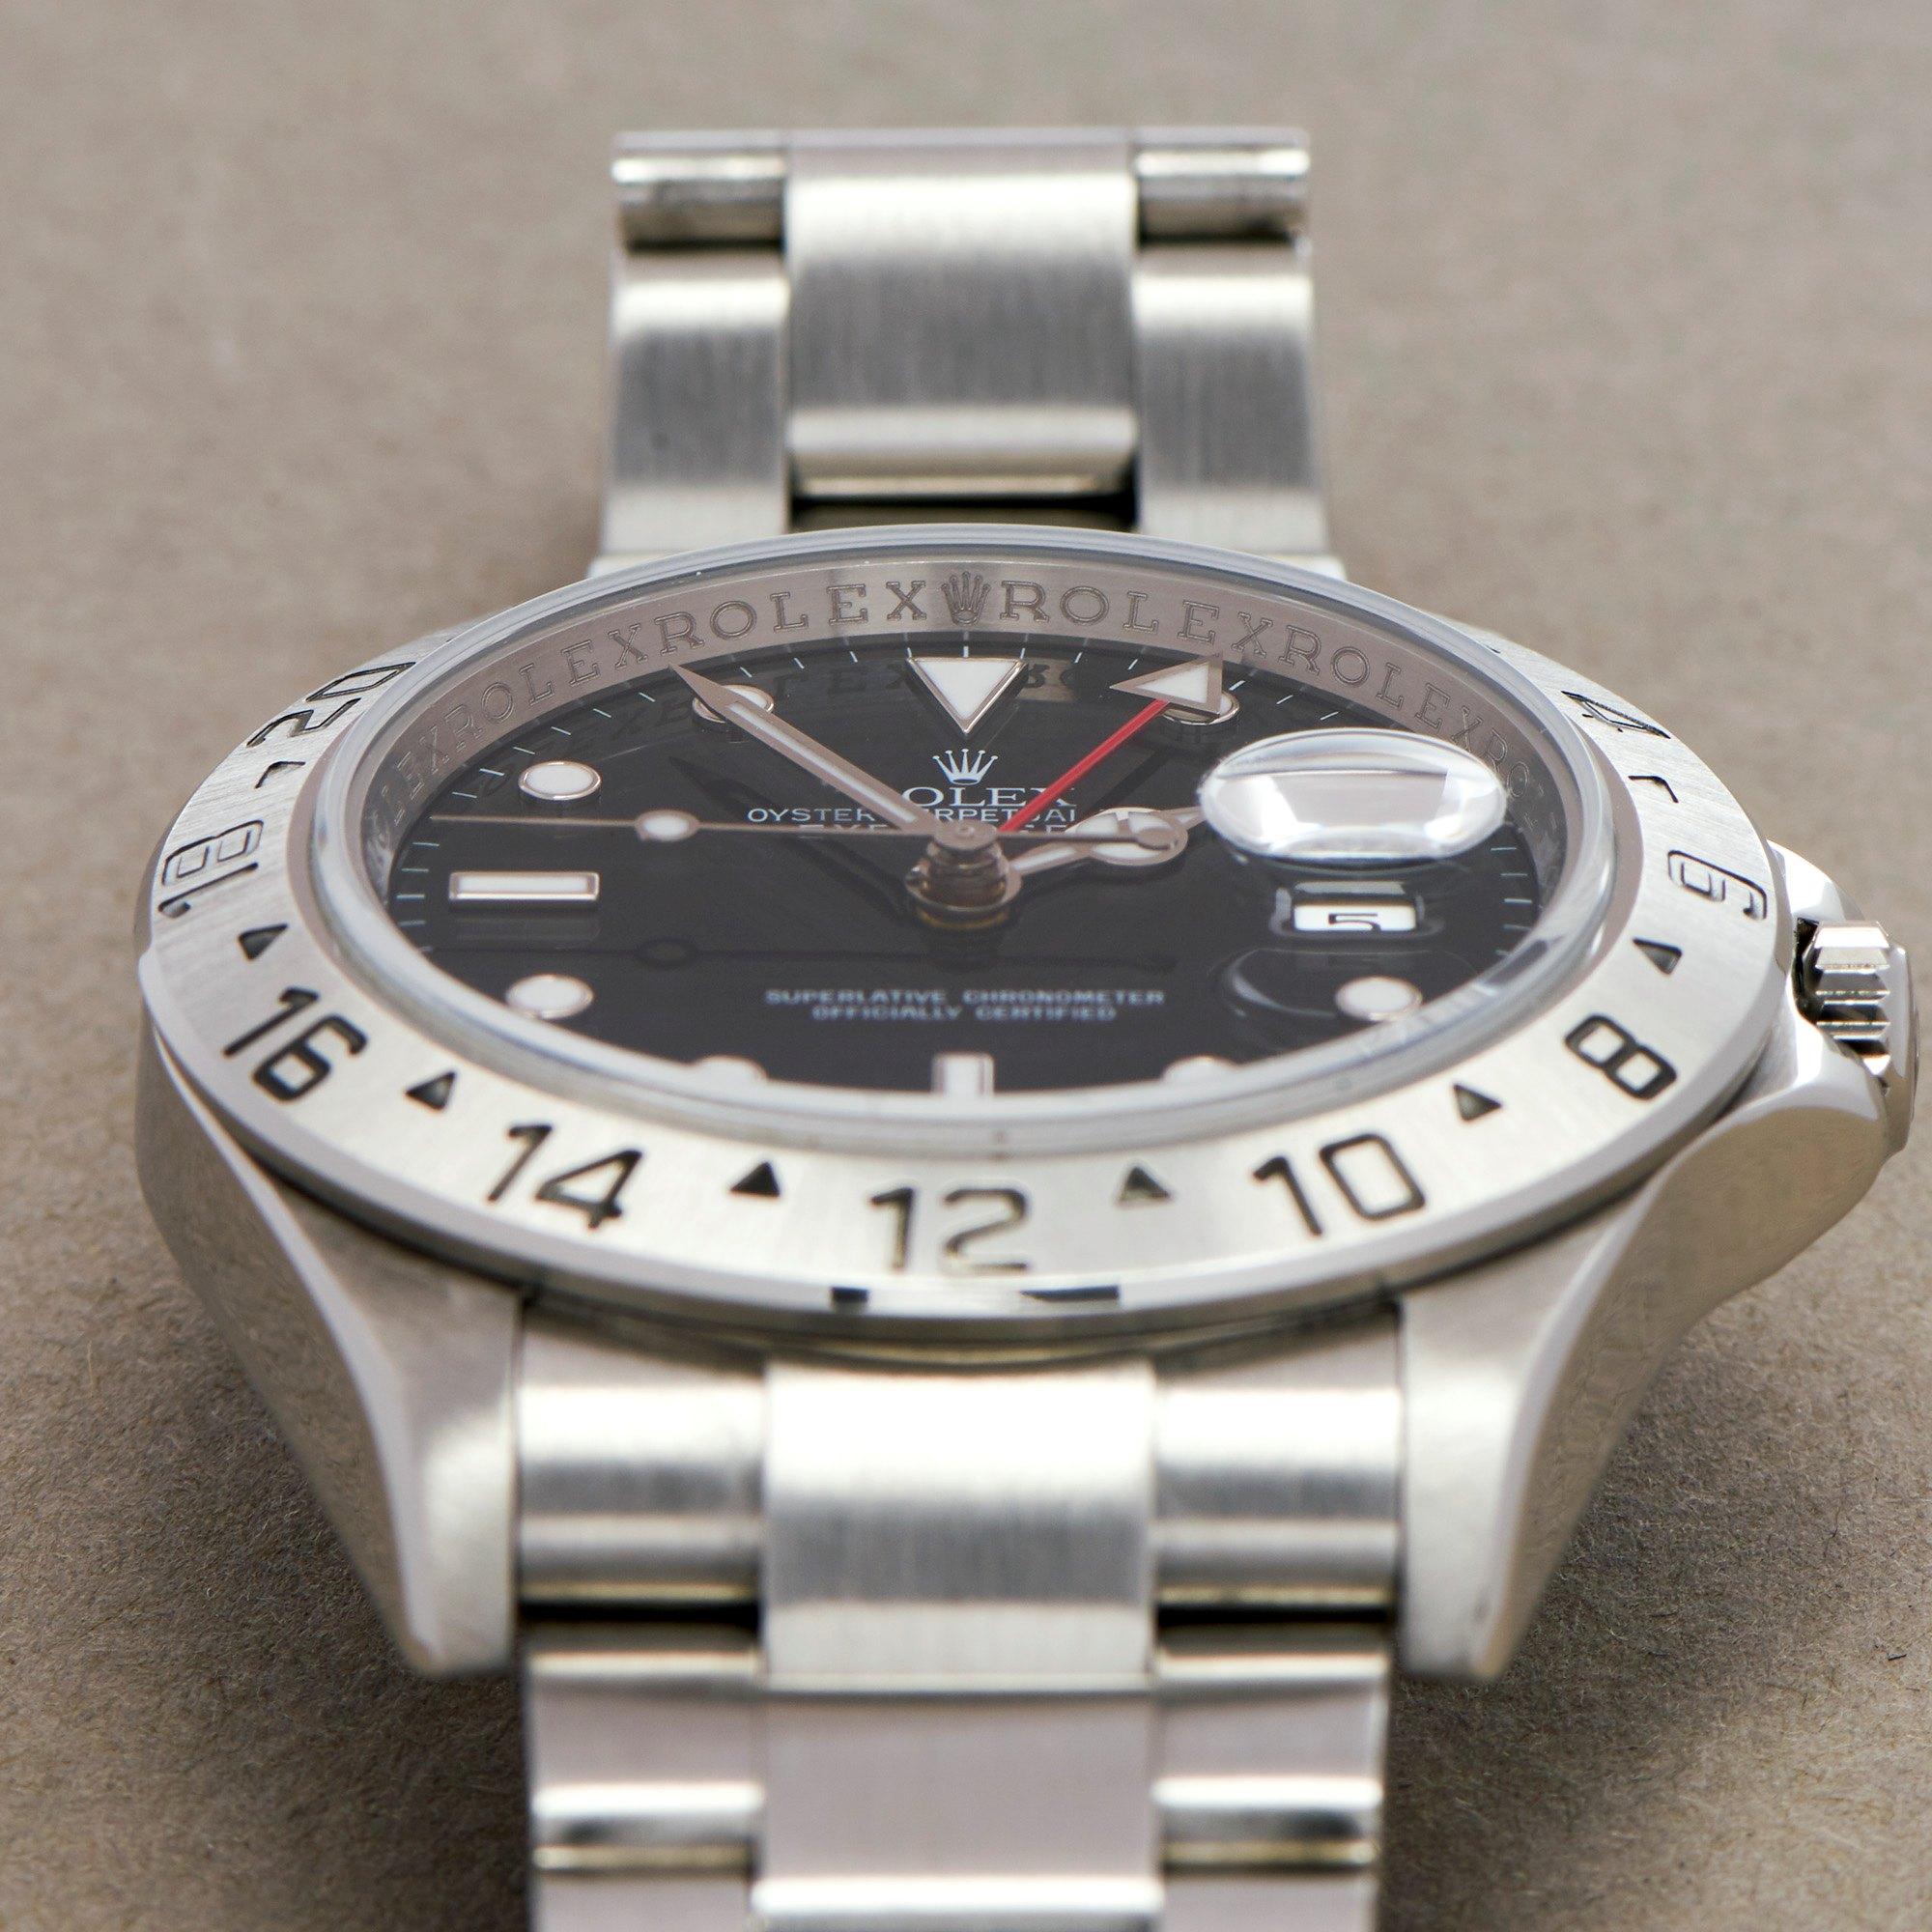 Rolex Explorer II Stainless Steel 16570